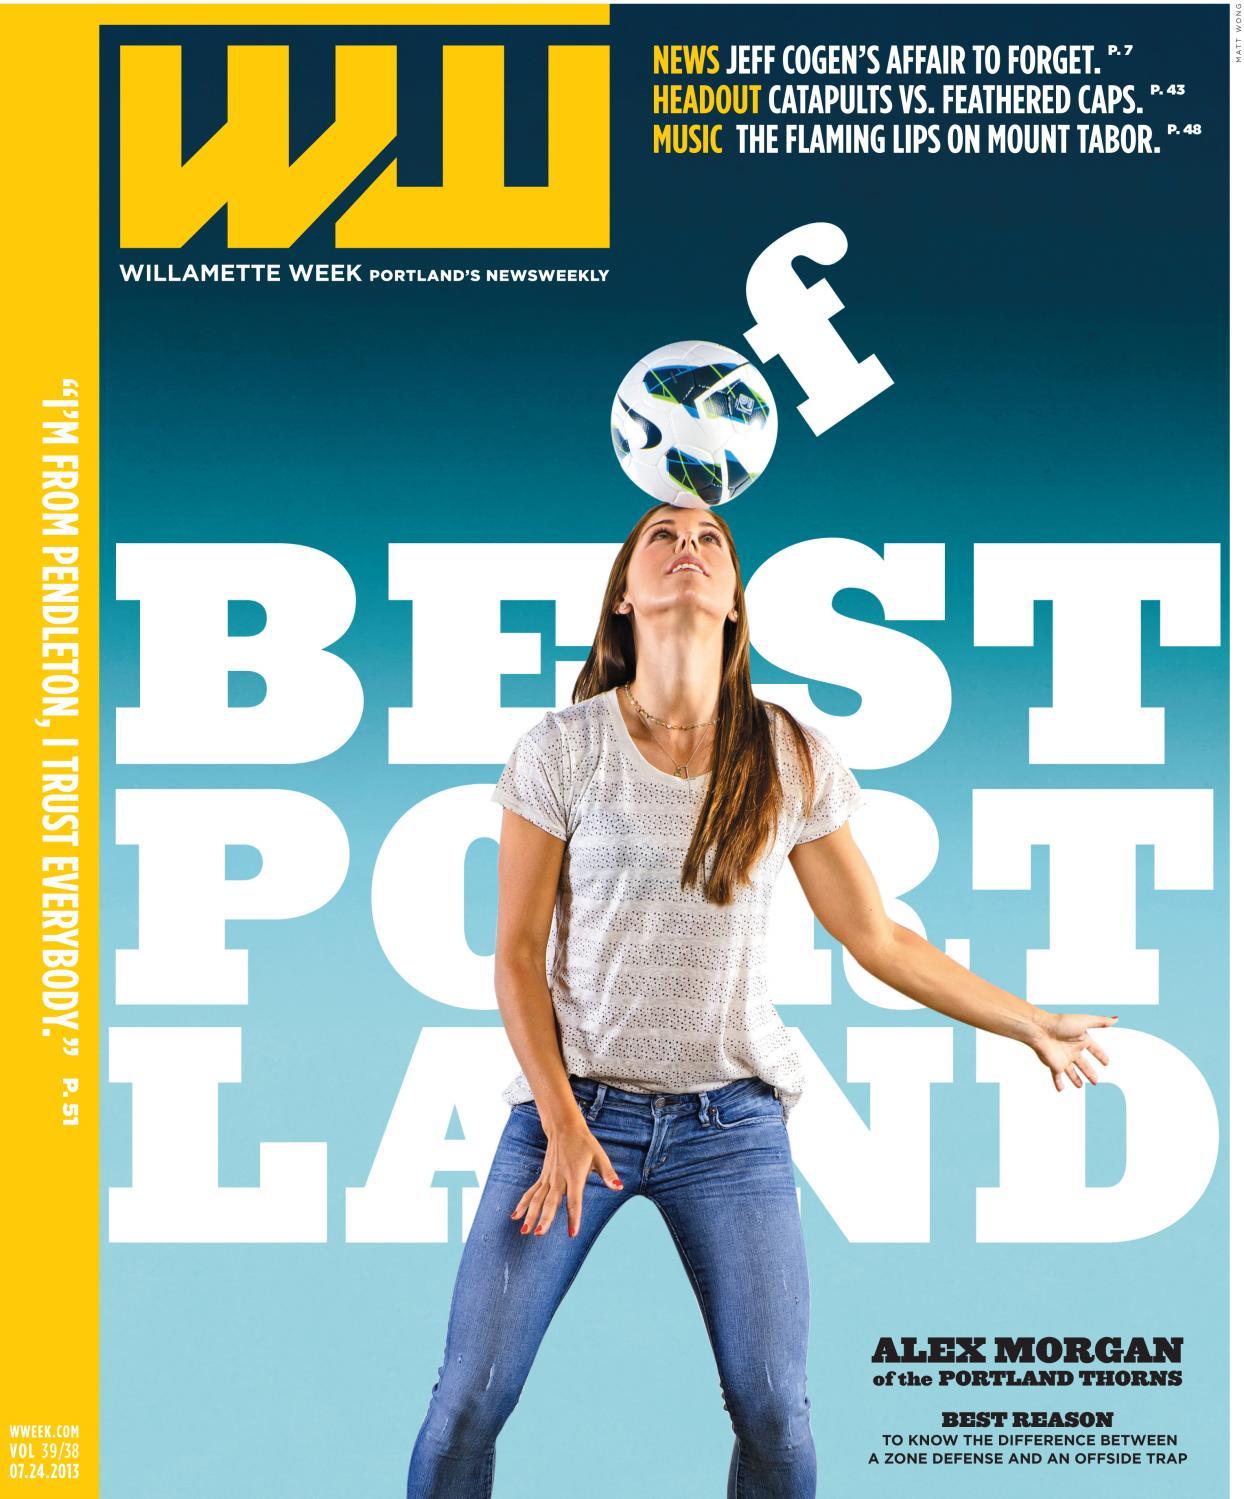 39 38 willamette week, july 24, 2013 by Willamette Week